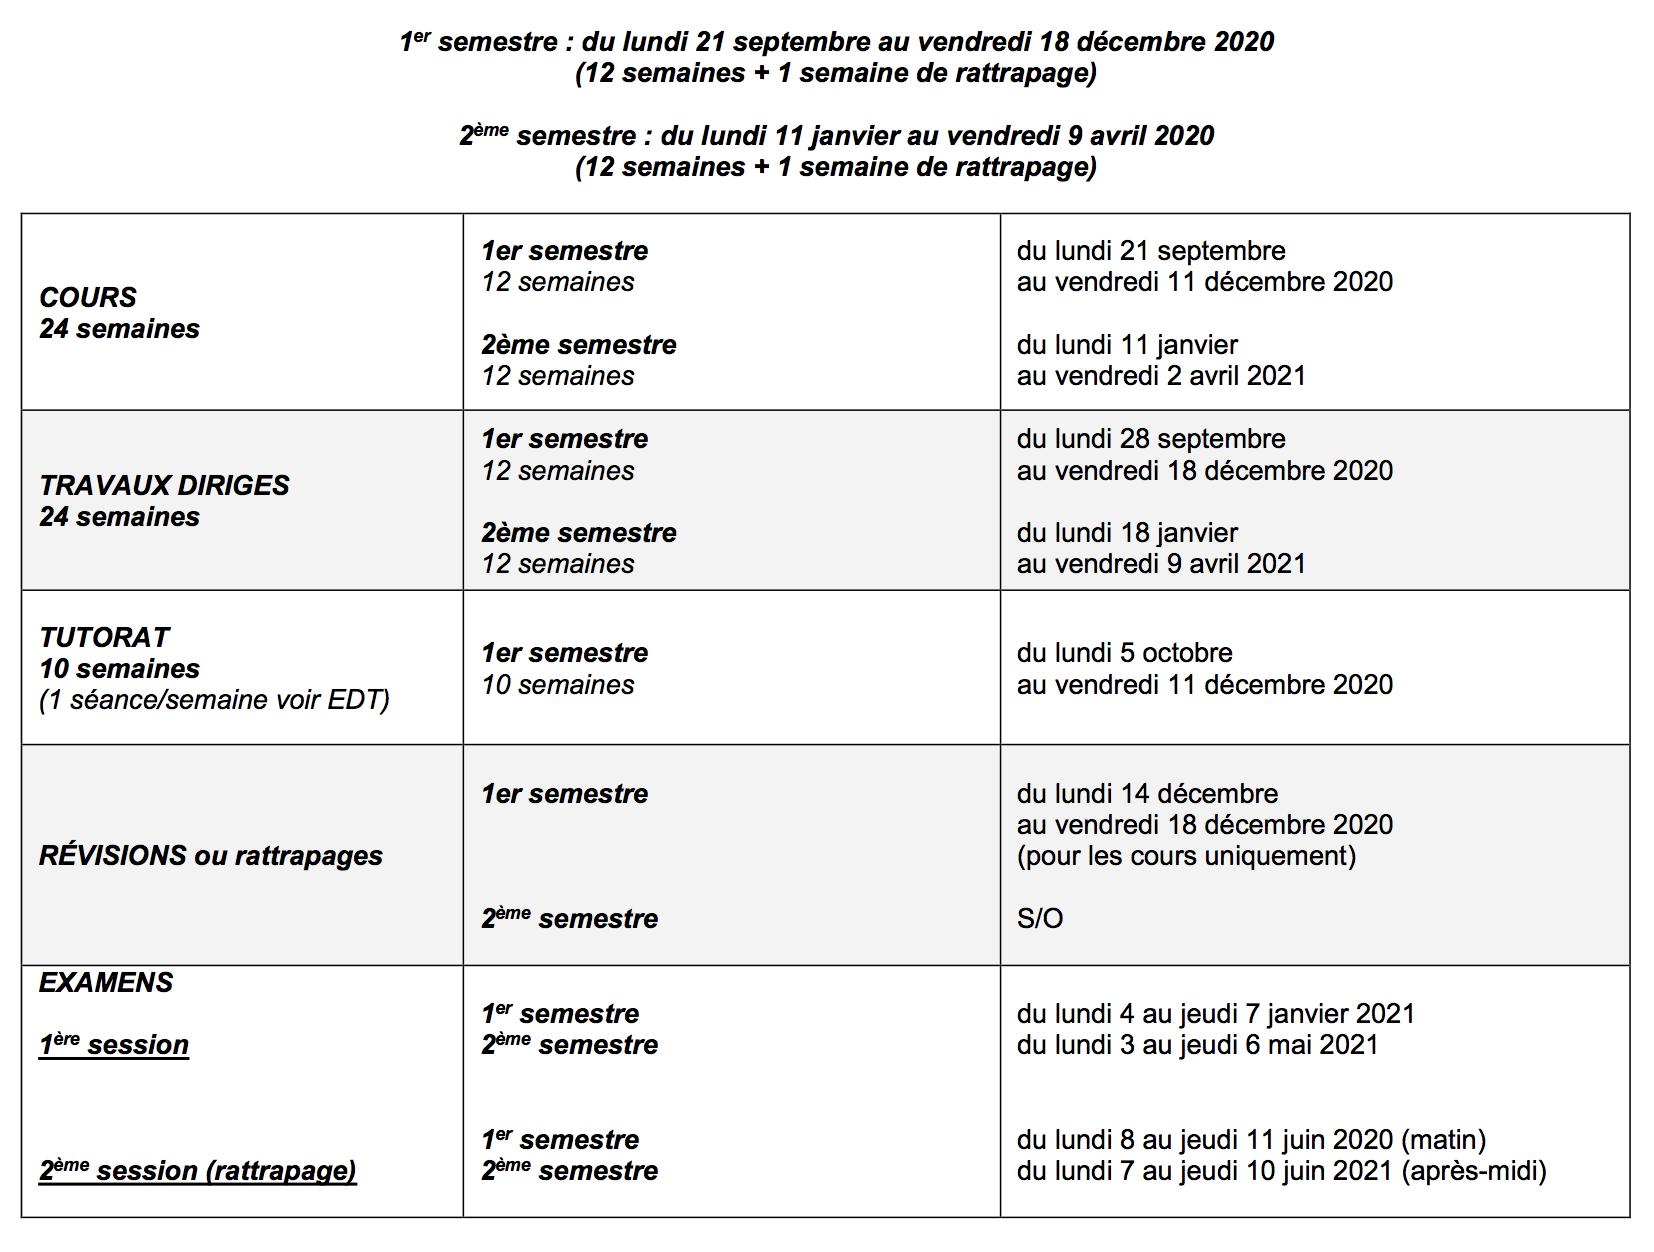 Calendrier universitaire 2020-2021 : licence en droit mention administration publique (LAP)